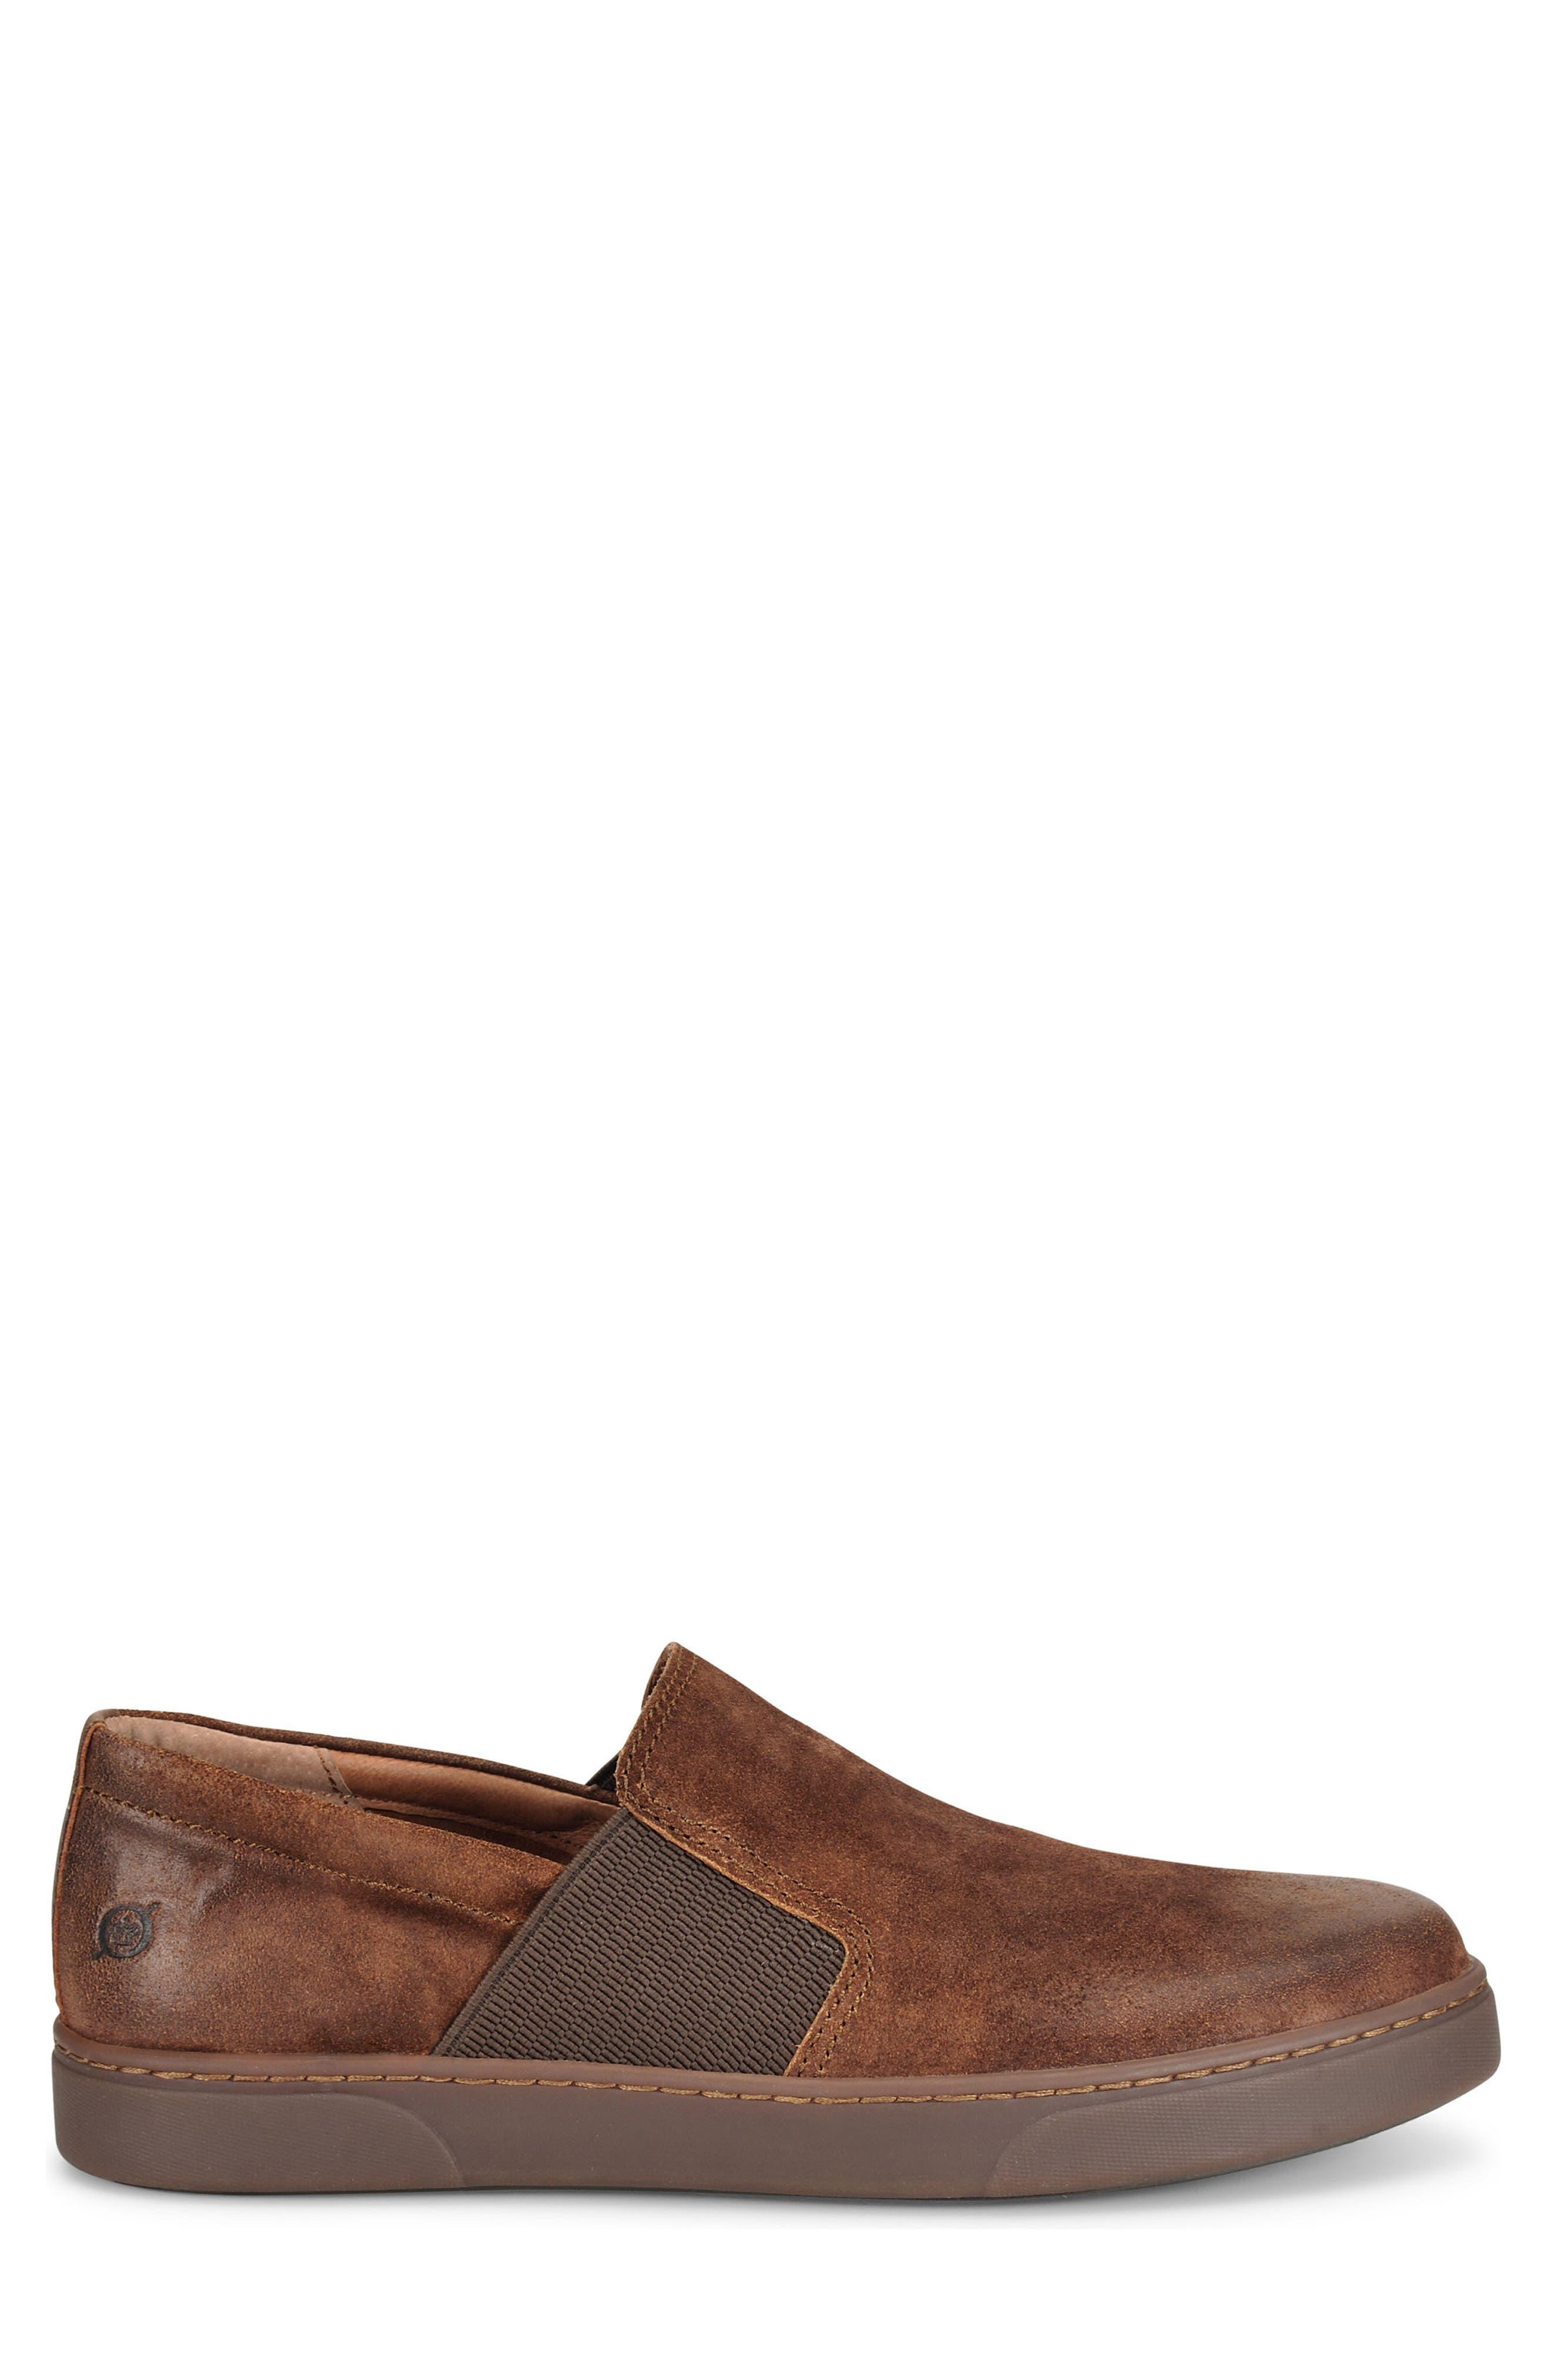 Belford Slip-On Sneaker,                             Alternate thumbnail 3, color,                             219